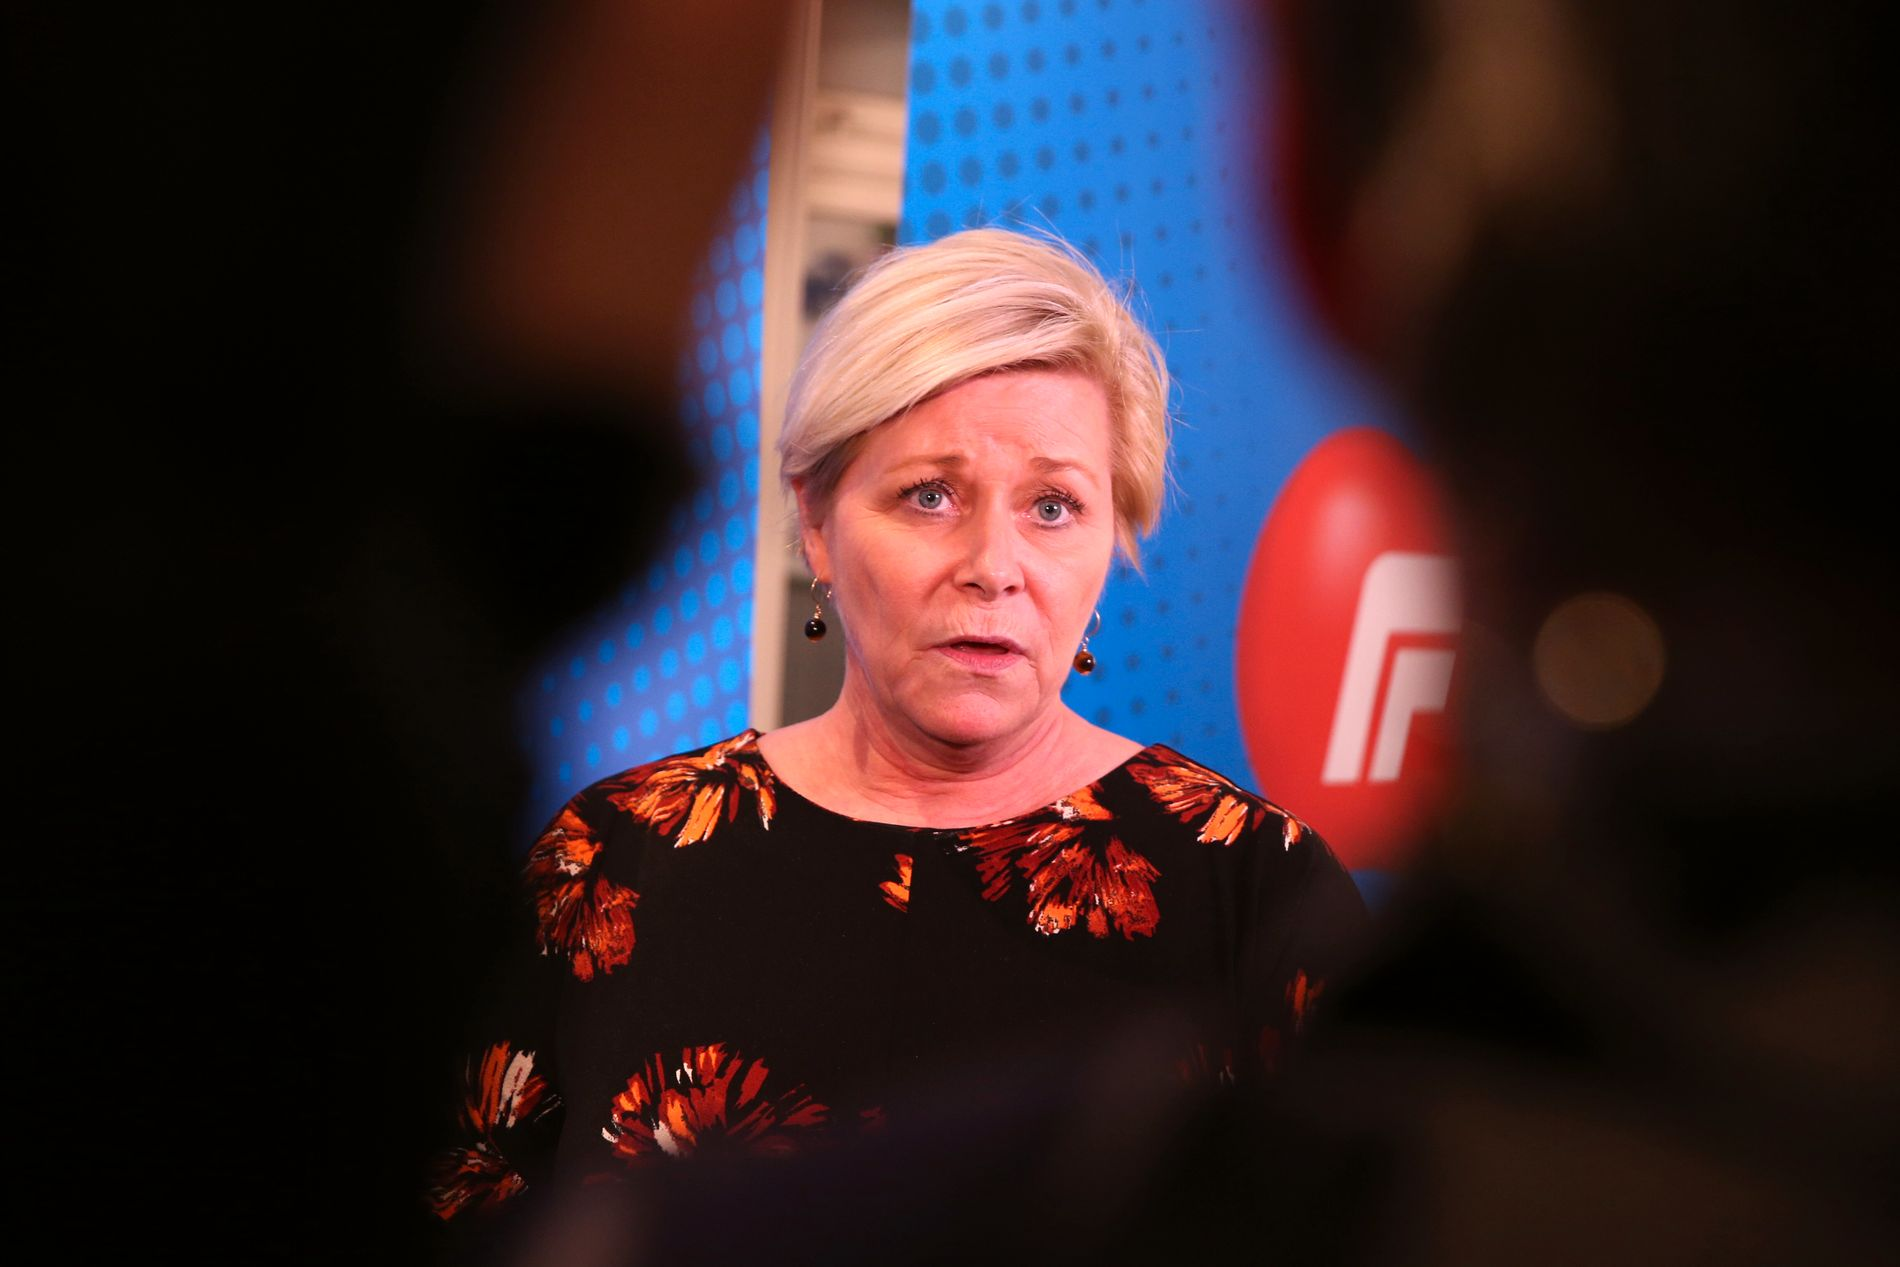 KLAR FOR Å FORHANDLE: Tirsdag fikk finansminister og Frp-leder Siv Jensen ryggdekning fra landsstyret til å forhandle videre om en firepartiregjering med KrF som ny regjeringspartner.